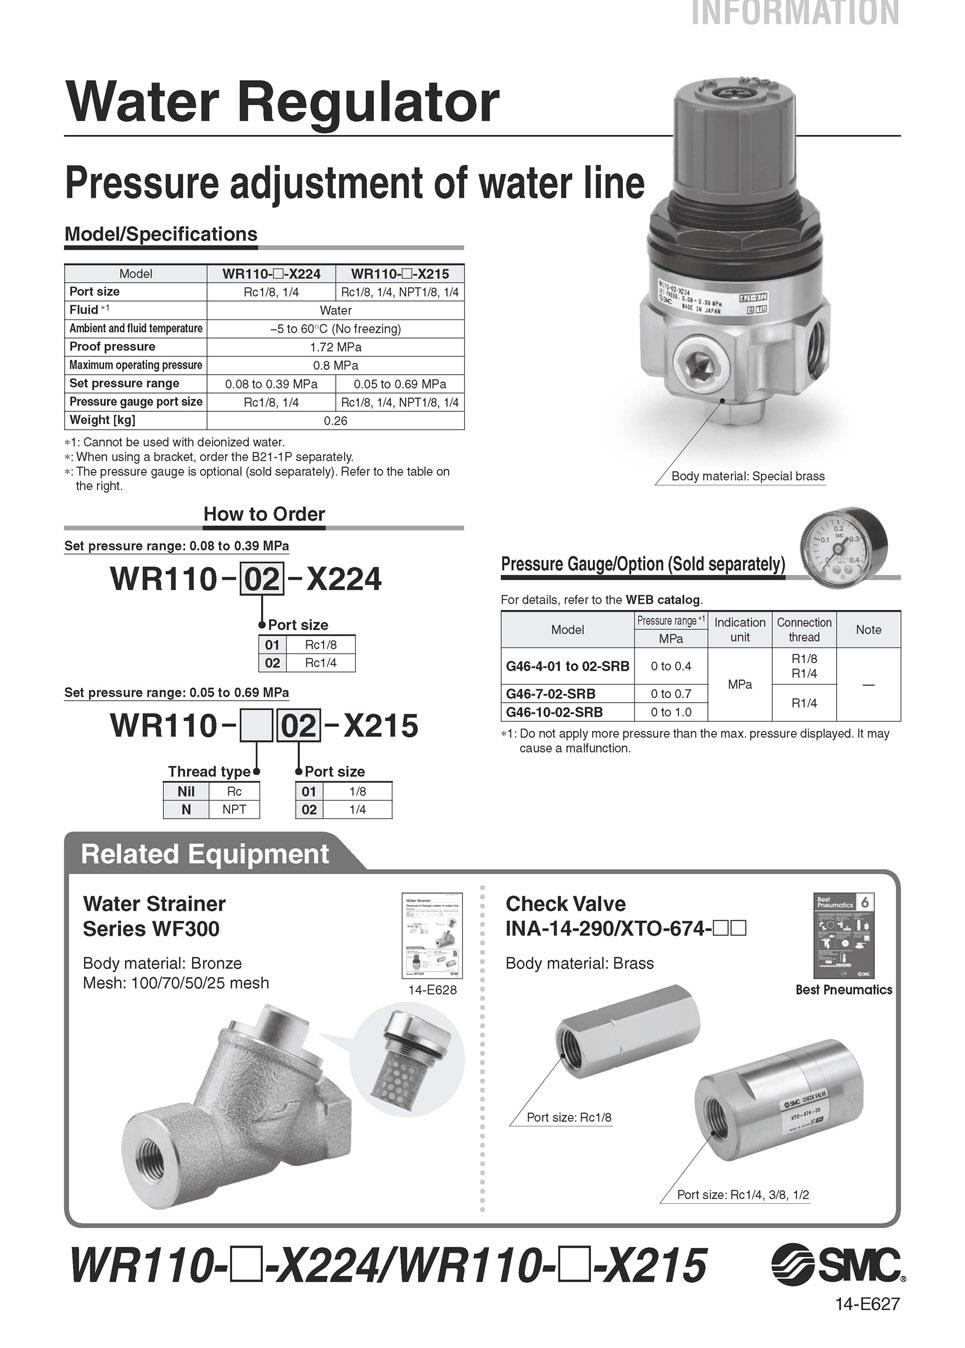 WR110-02-X224